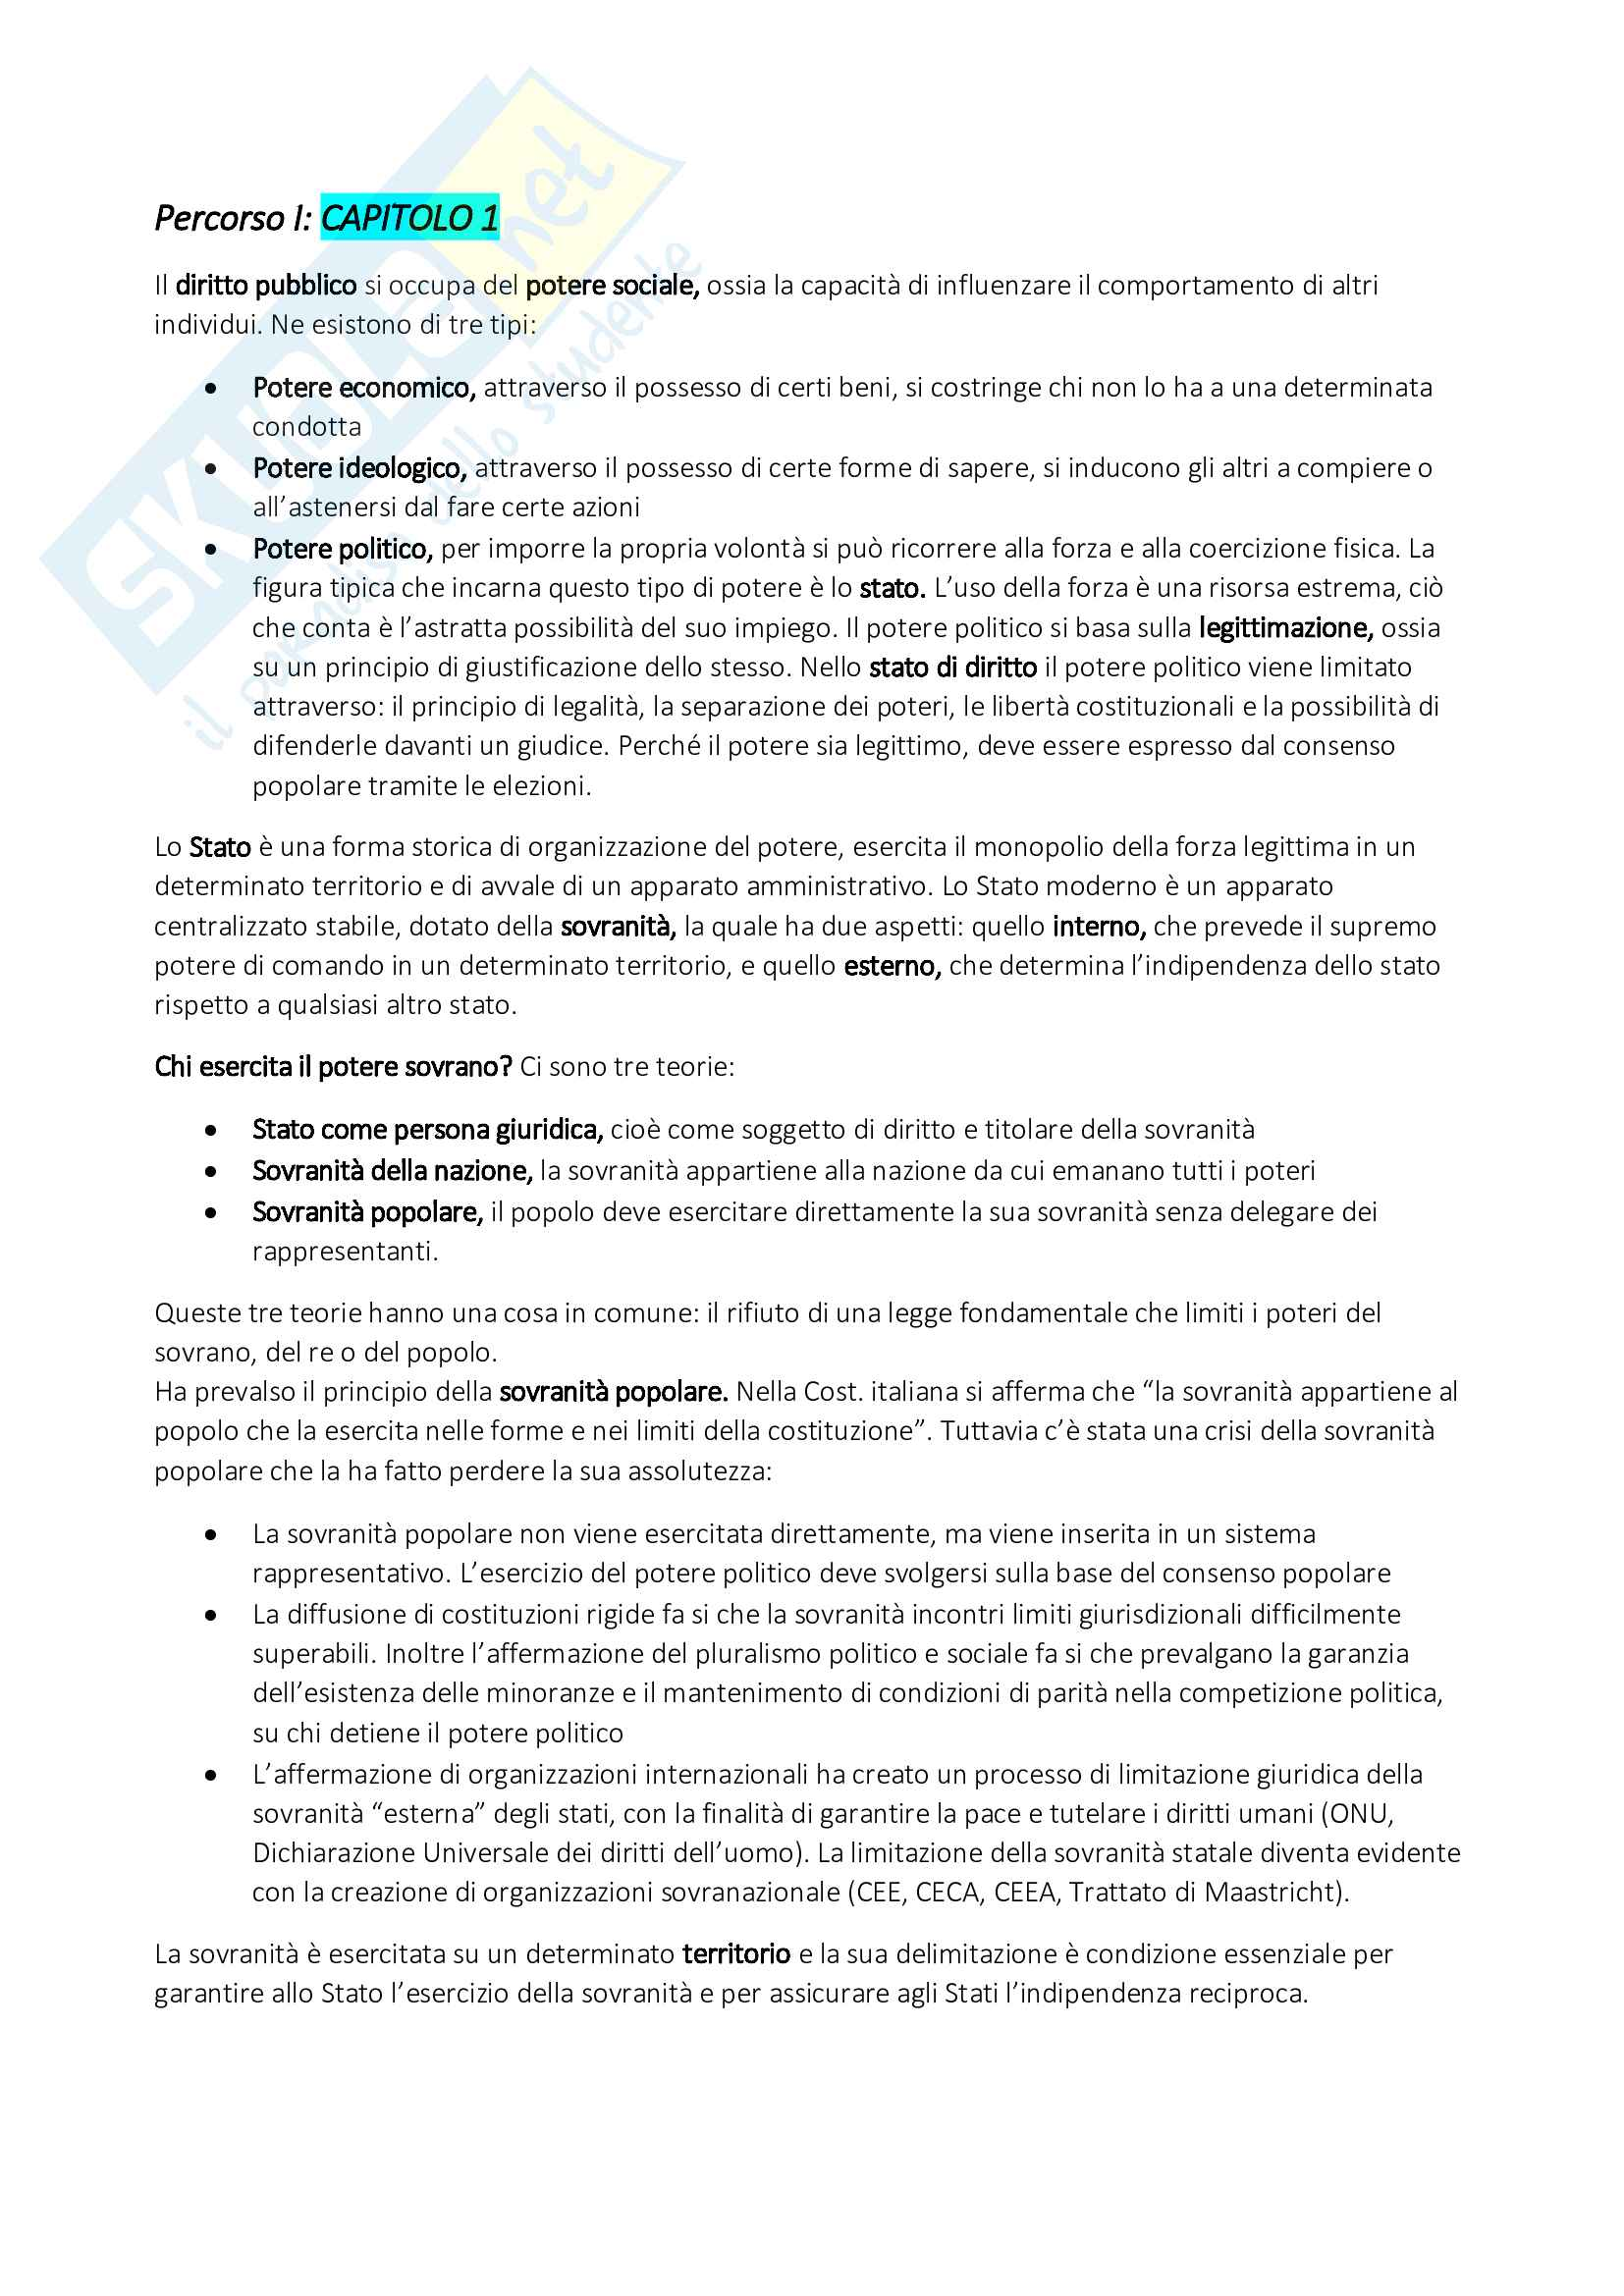 Appunti per l'esame di Diritto Pubblico